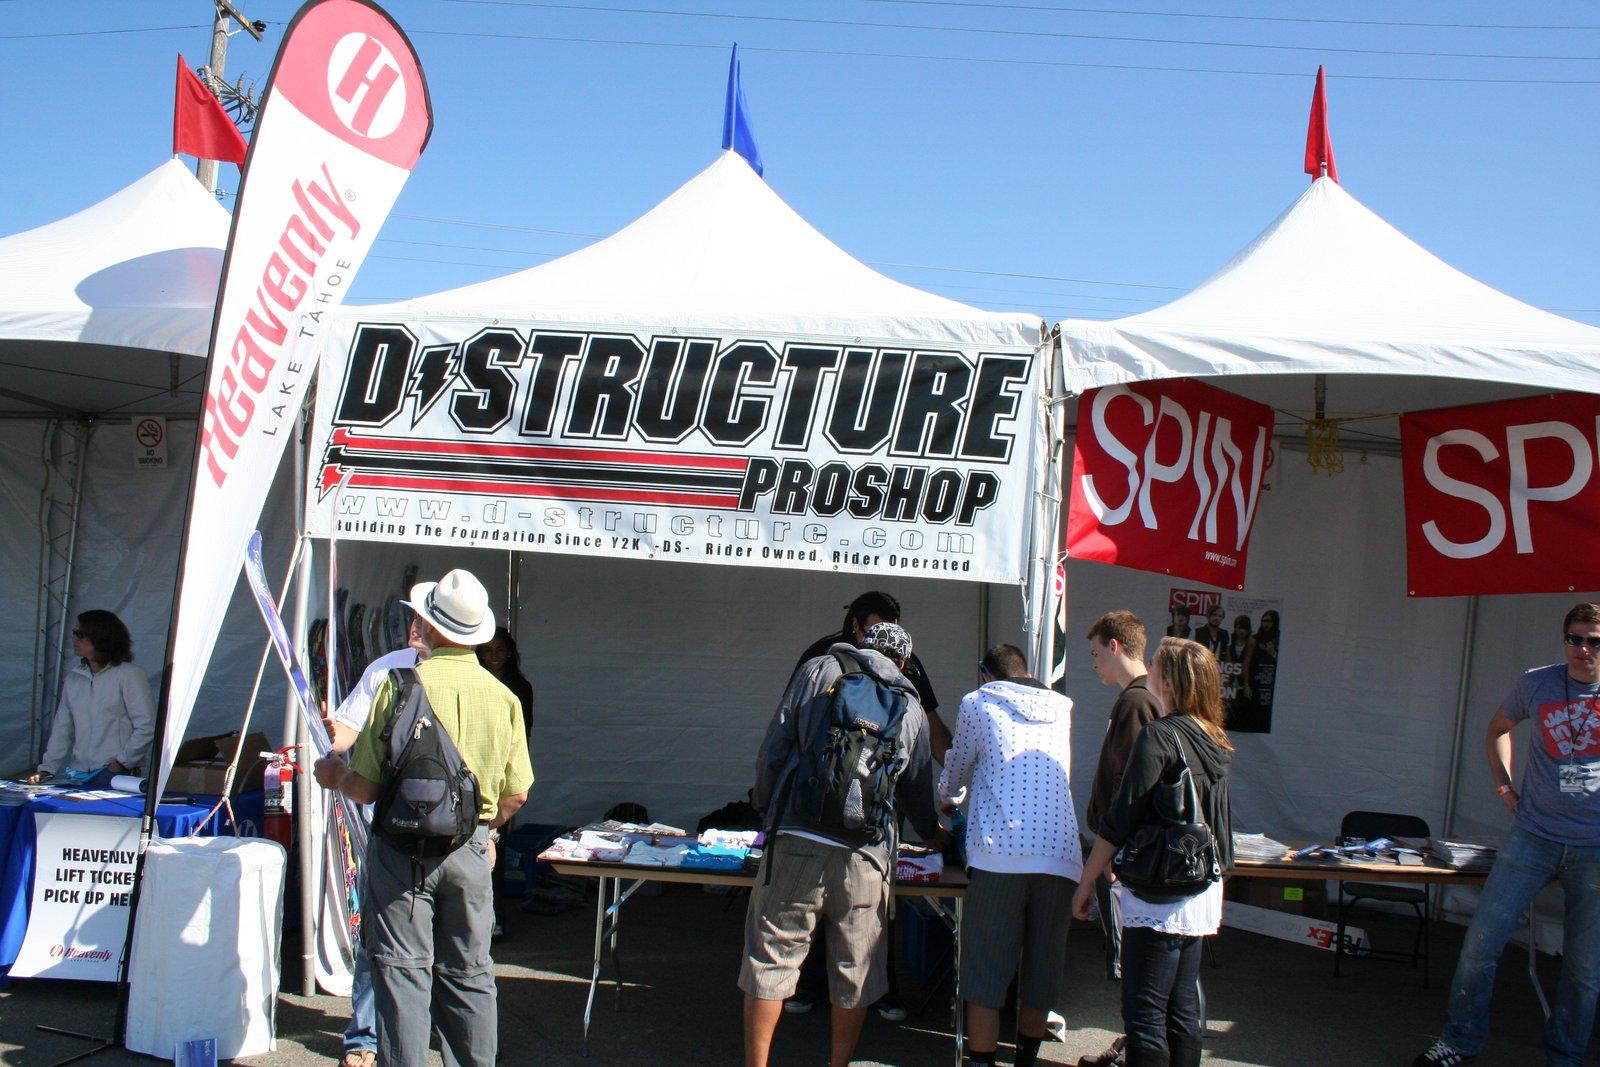 D-structure tent